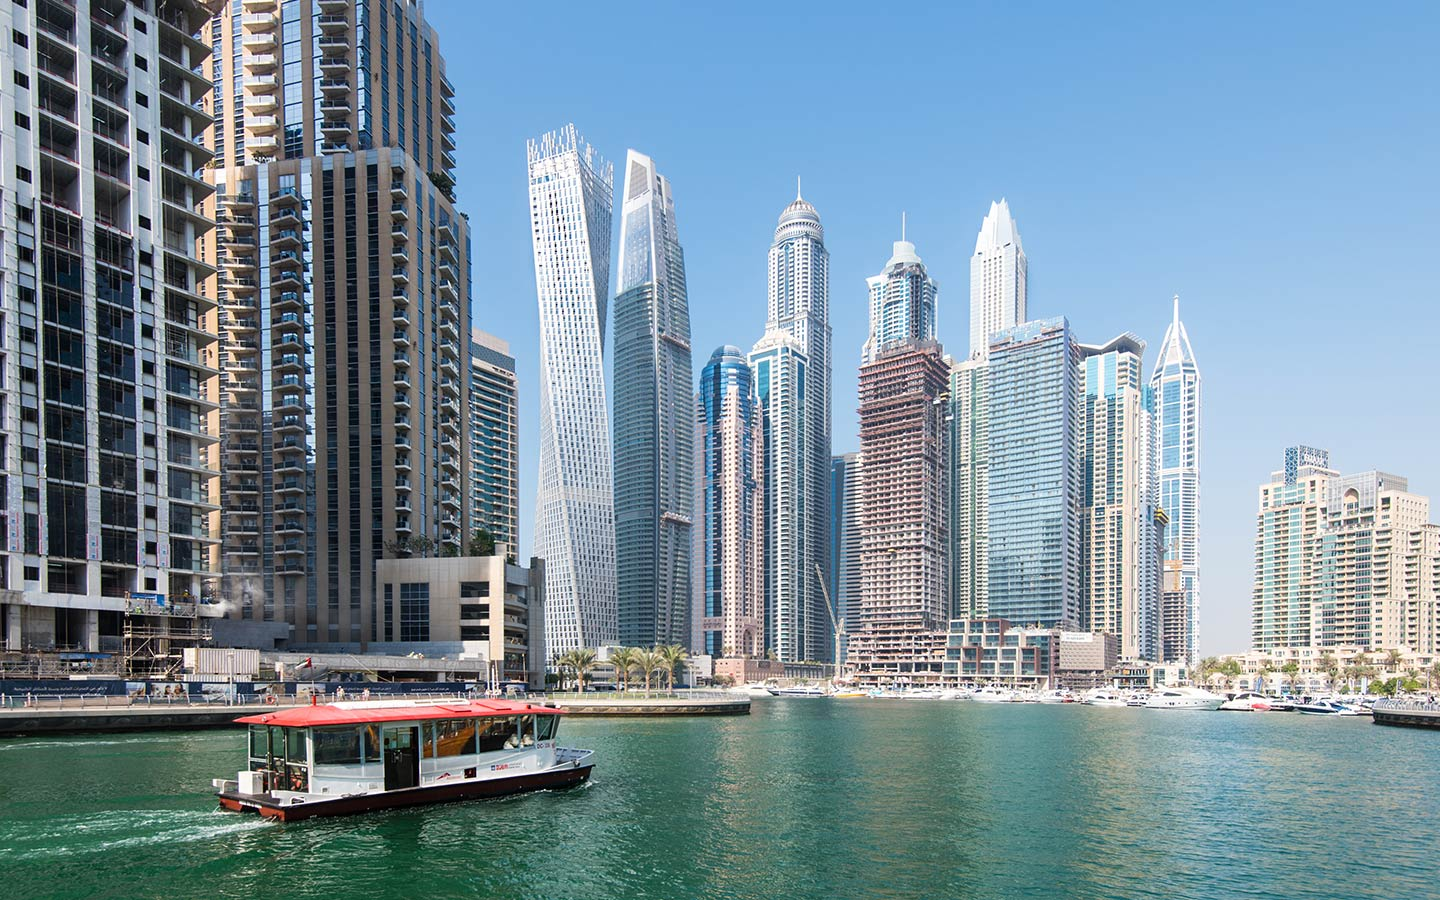 يعتبر الباض المائي، وسيلة نقل مريحة وآمنة عبر خور دبي